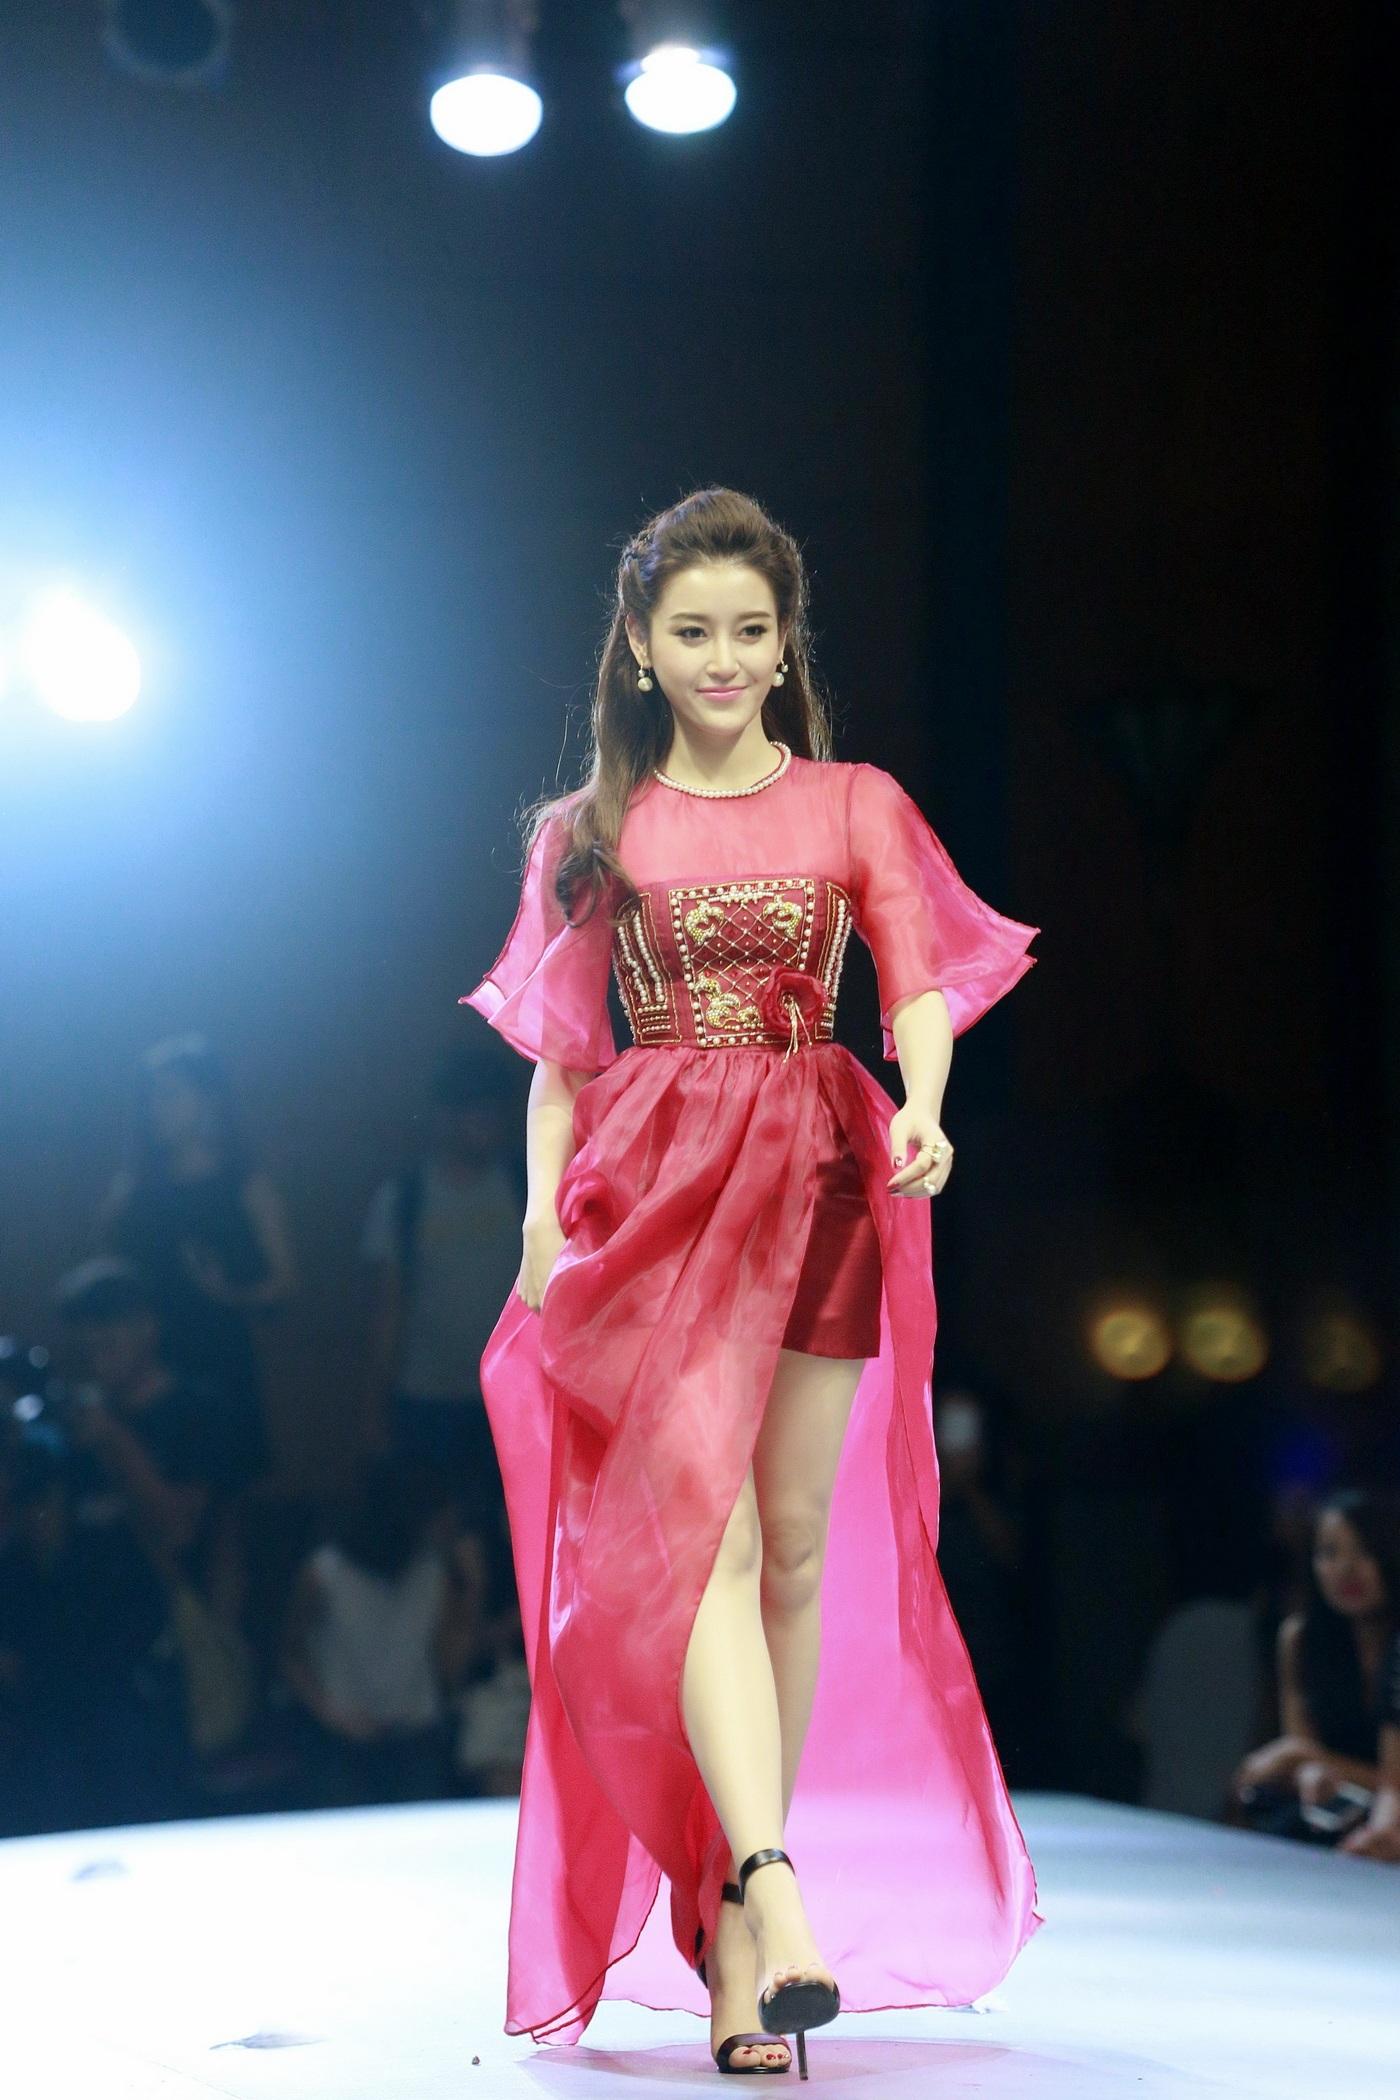 Diện bộ váy màu đỏ với những họa tiết ấn tượng do chính sinh viên của Học viện thiết kế, Huyền My xuất hiện rạng rỡ tại sự kiện, tuy khuôn mặt có thoáng chút mệt mỏi vì những scandal không đáng có xảy ra với cô.